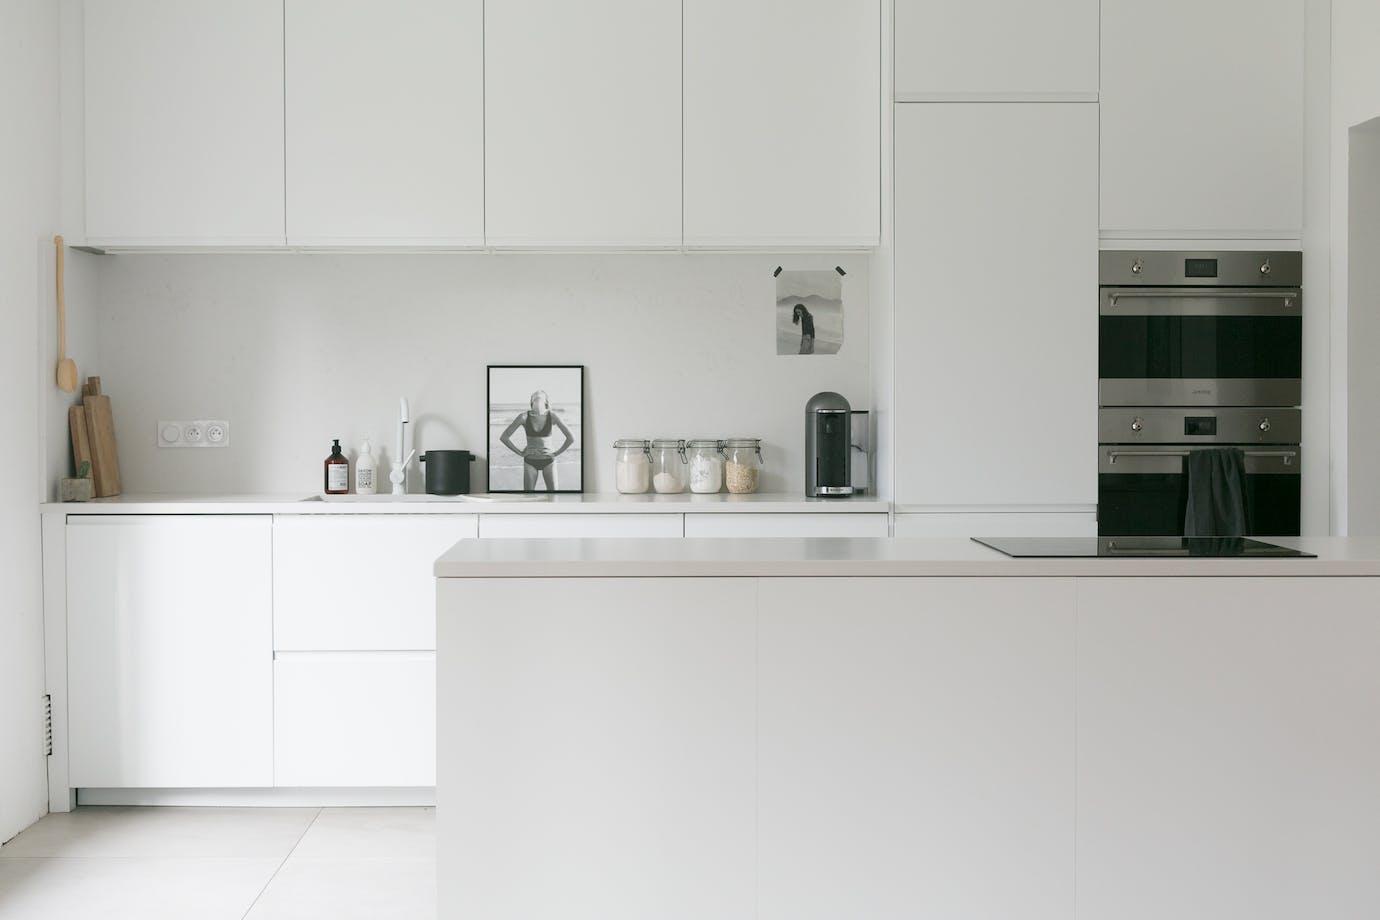 Cuisine minimaliste - Karine Köng